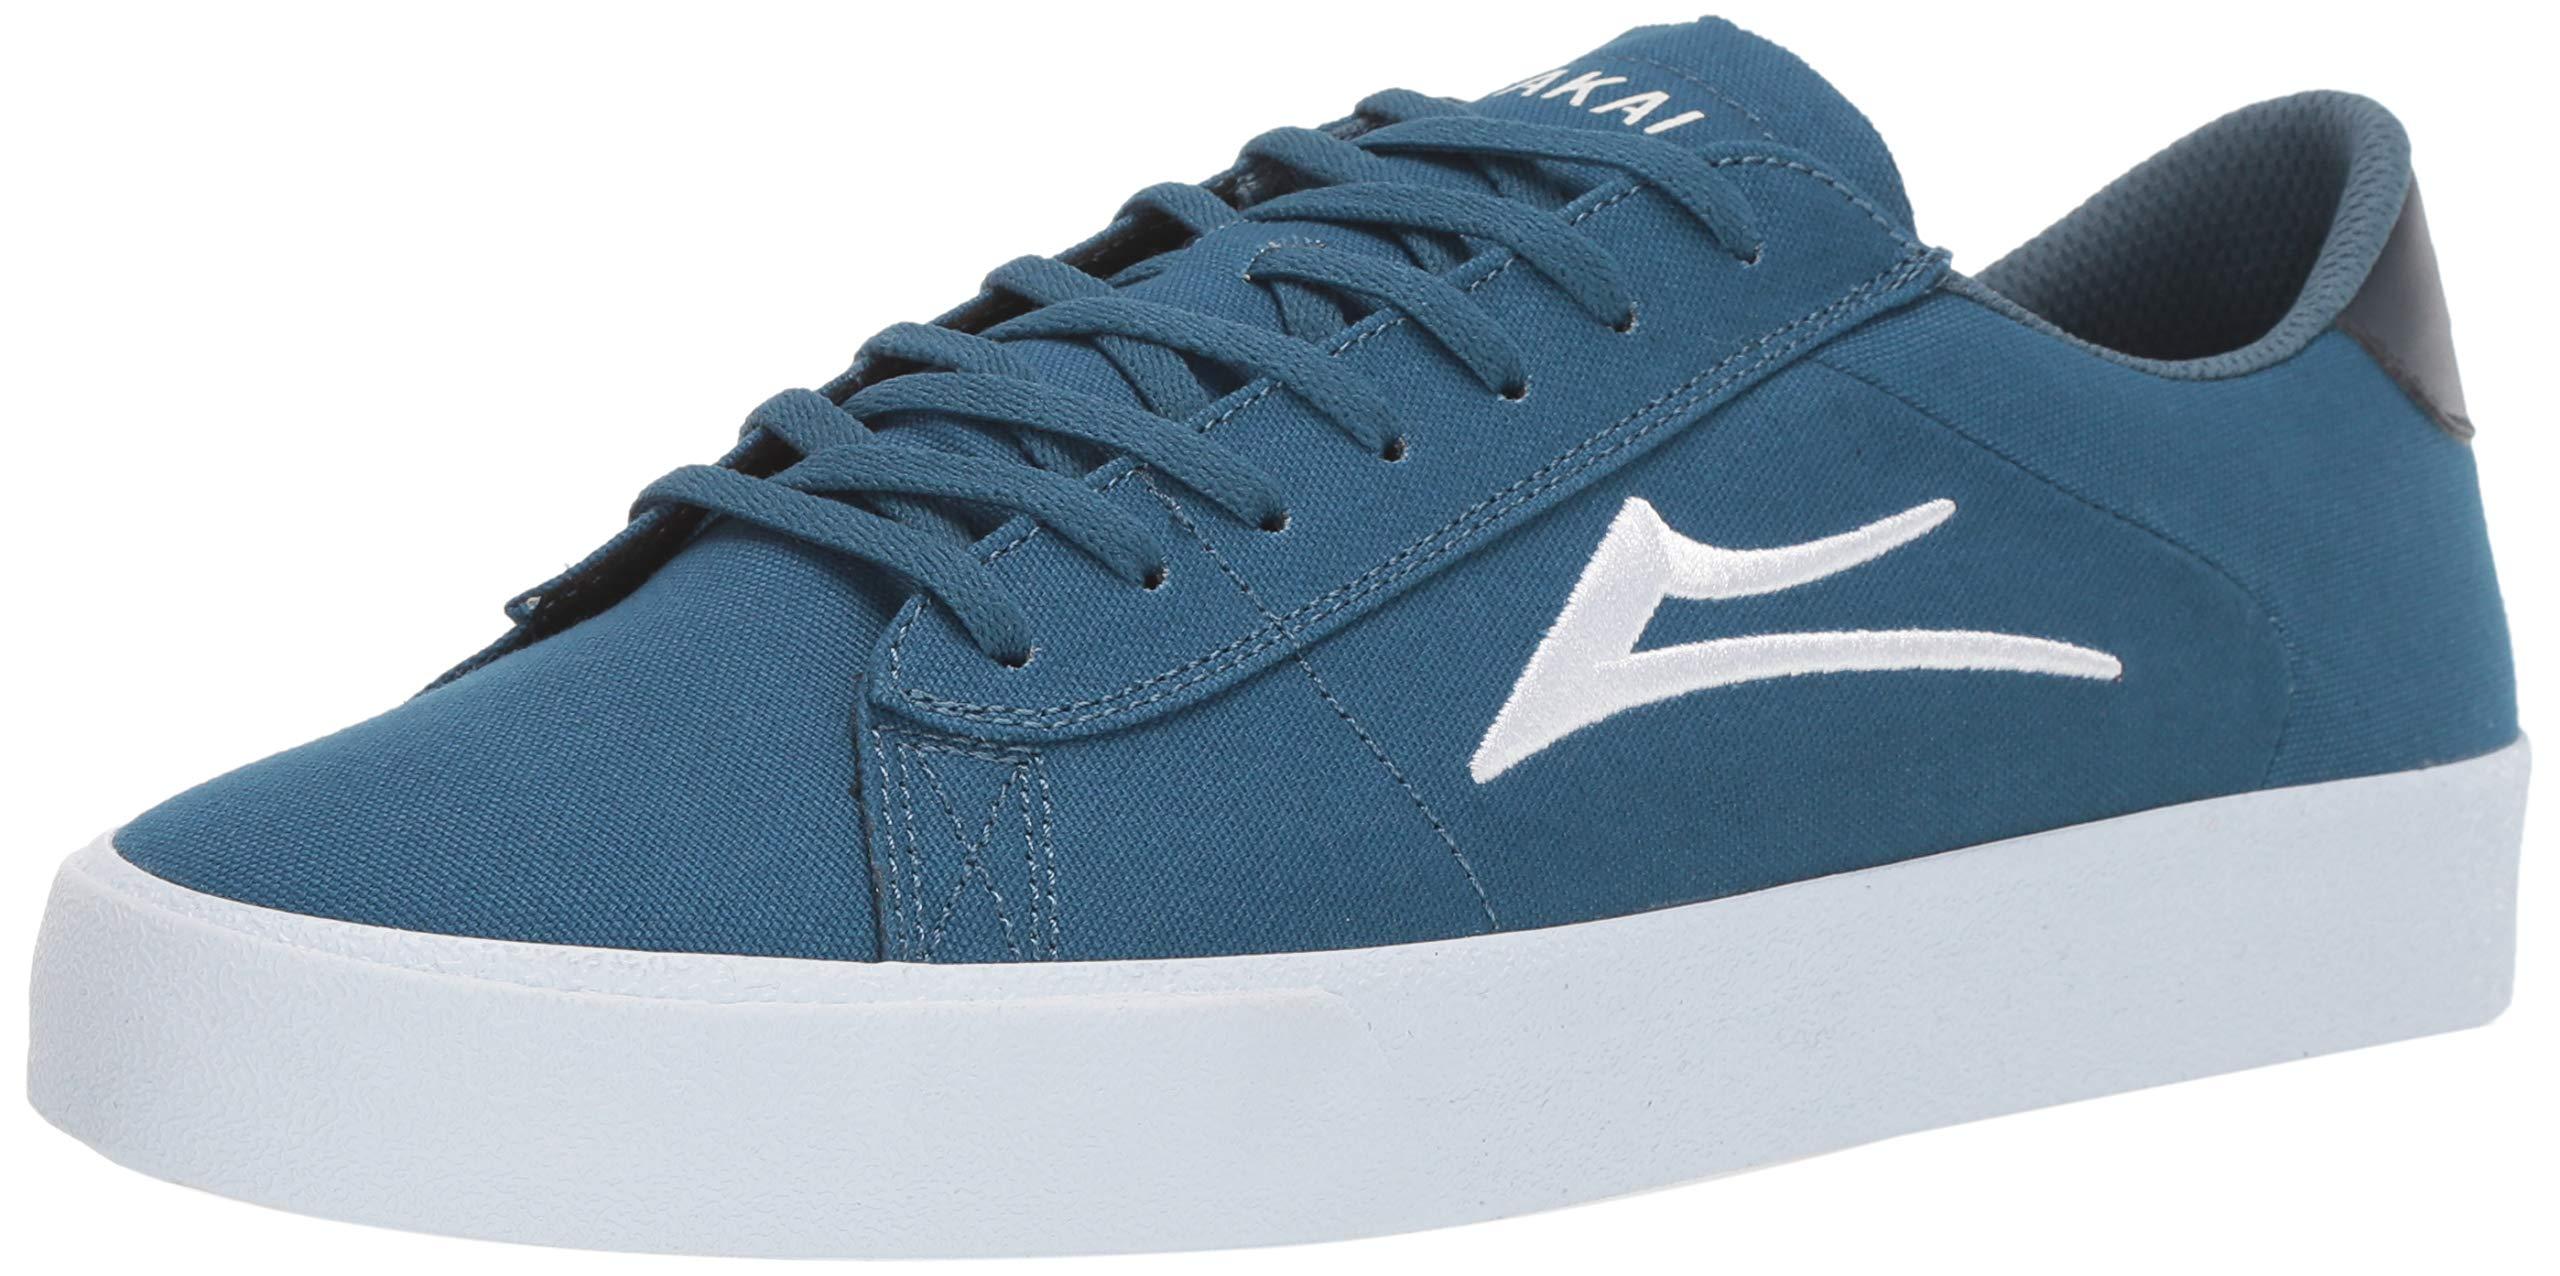 Lakai Limited Footwear Mens Newport Skate Shoe, Slate Canvas, 10 M US by Lakai Limited Footwear Mens